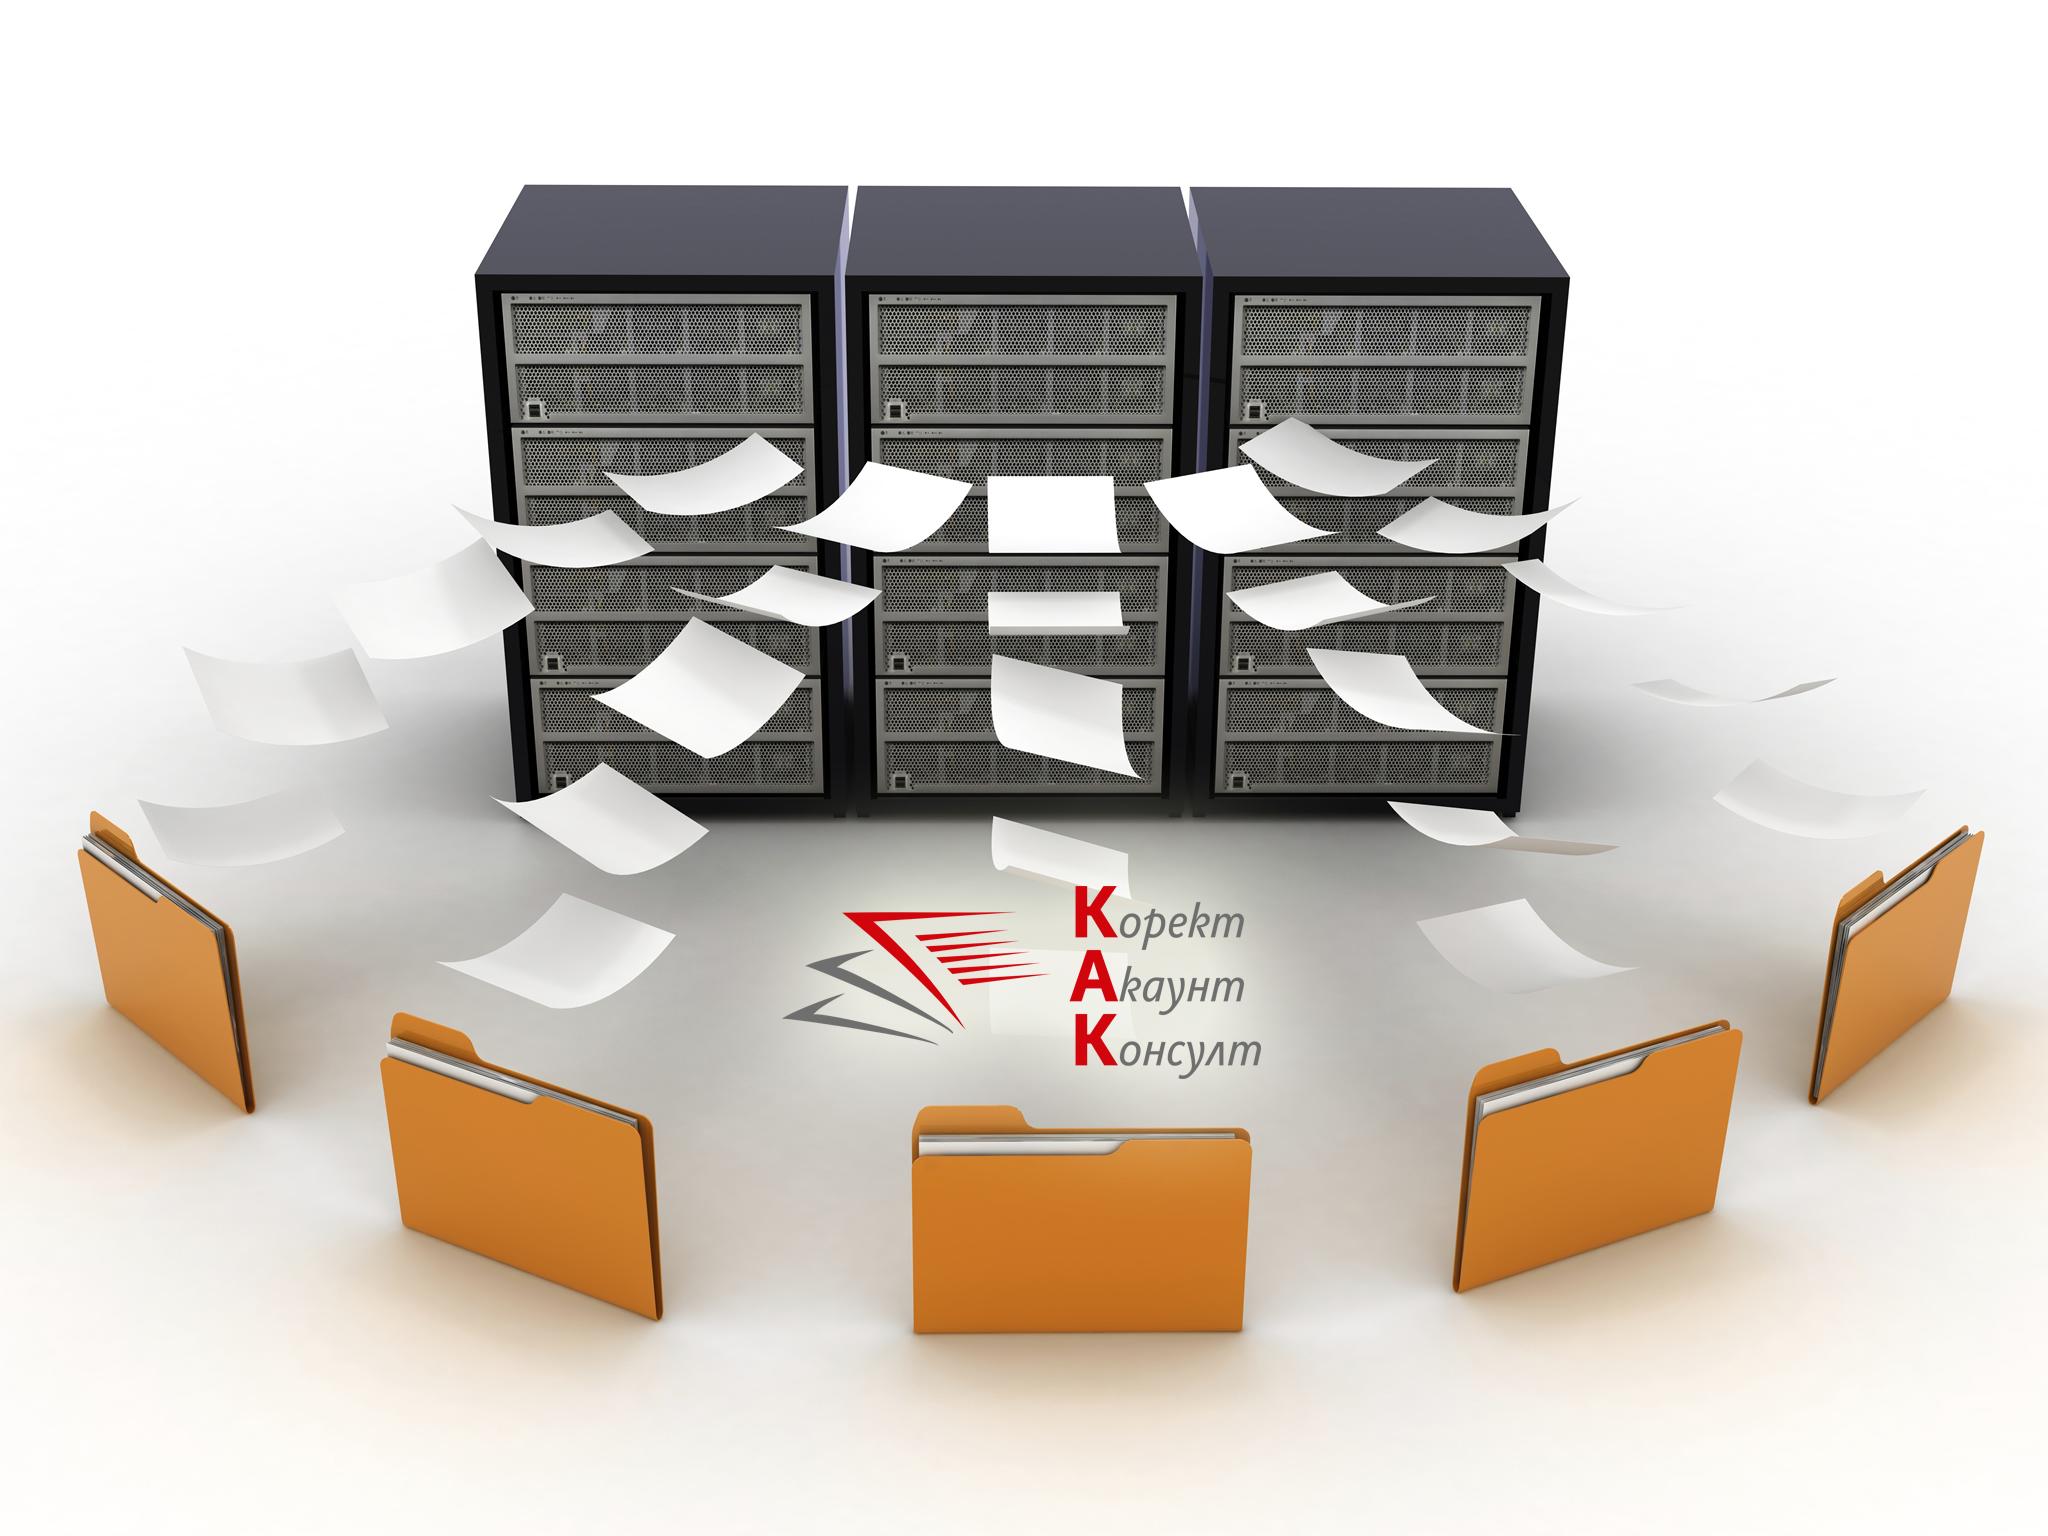 Публикувани са Структура и формат на файл и ред за подаване на данни в електронен вид със Справката по чл. 73, ал. 6 от ЗДДФЛ